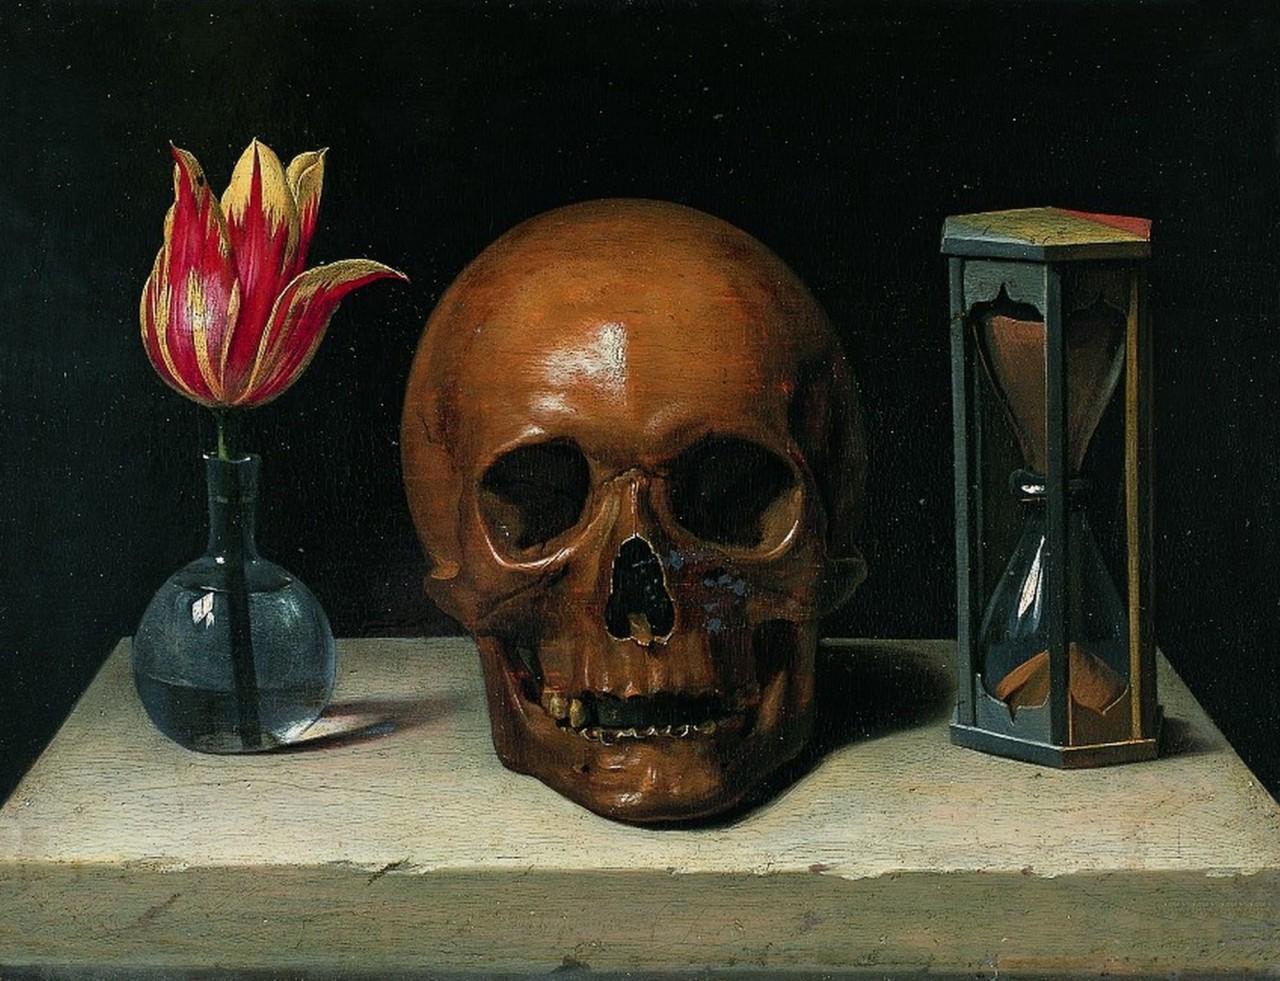 Значимая жизнь: вопреки ограничениям смерти